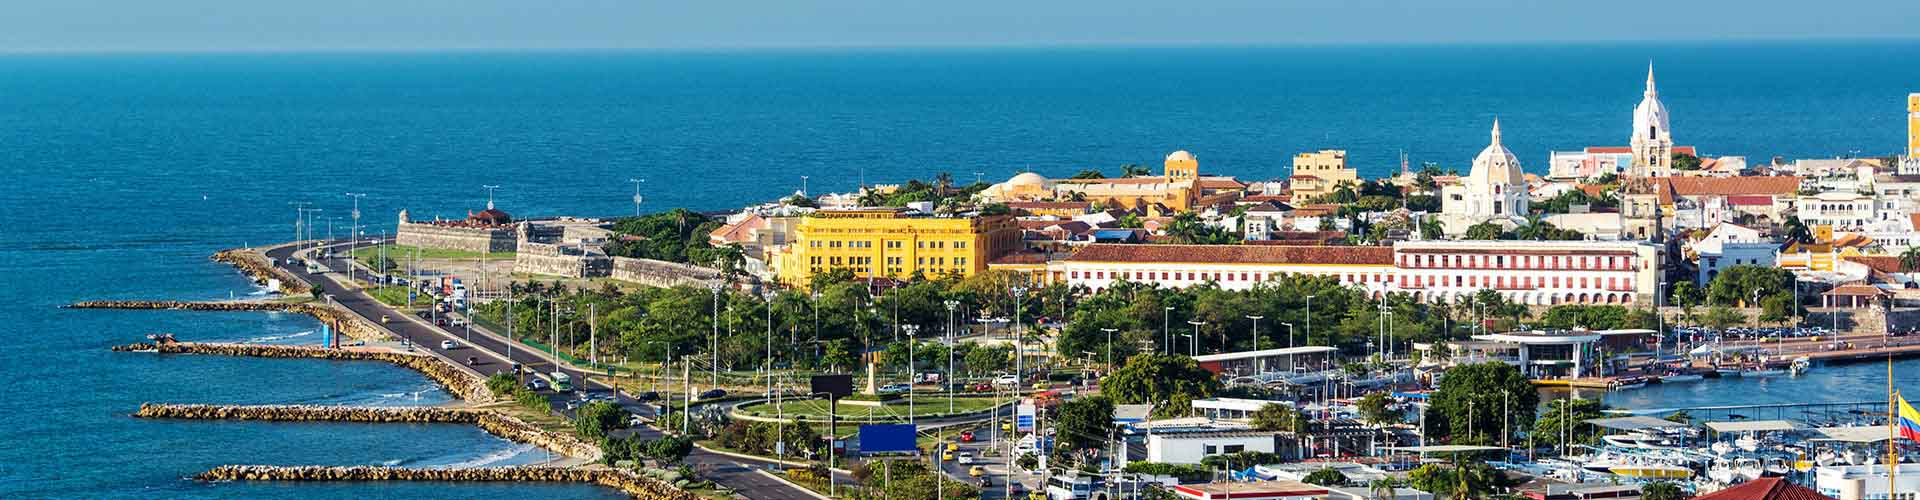 Cartagena de Indias - Hostele w mieście: Cartagena de Indias, Mapy: Cartagena de Indias, Zdjęcia i Recenzje dla każdego hostelu w mieście Cartagena de Indias.